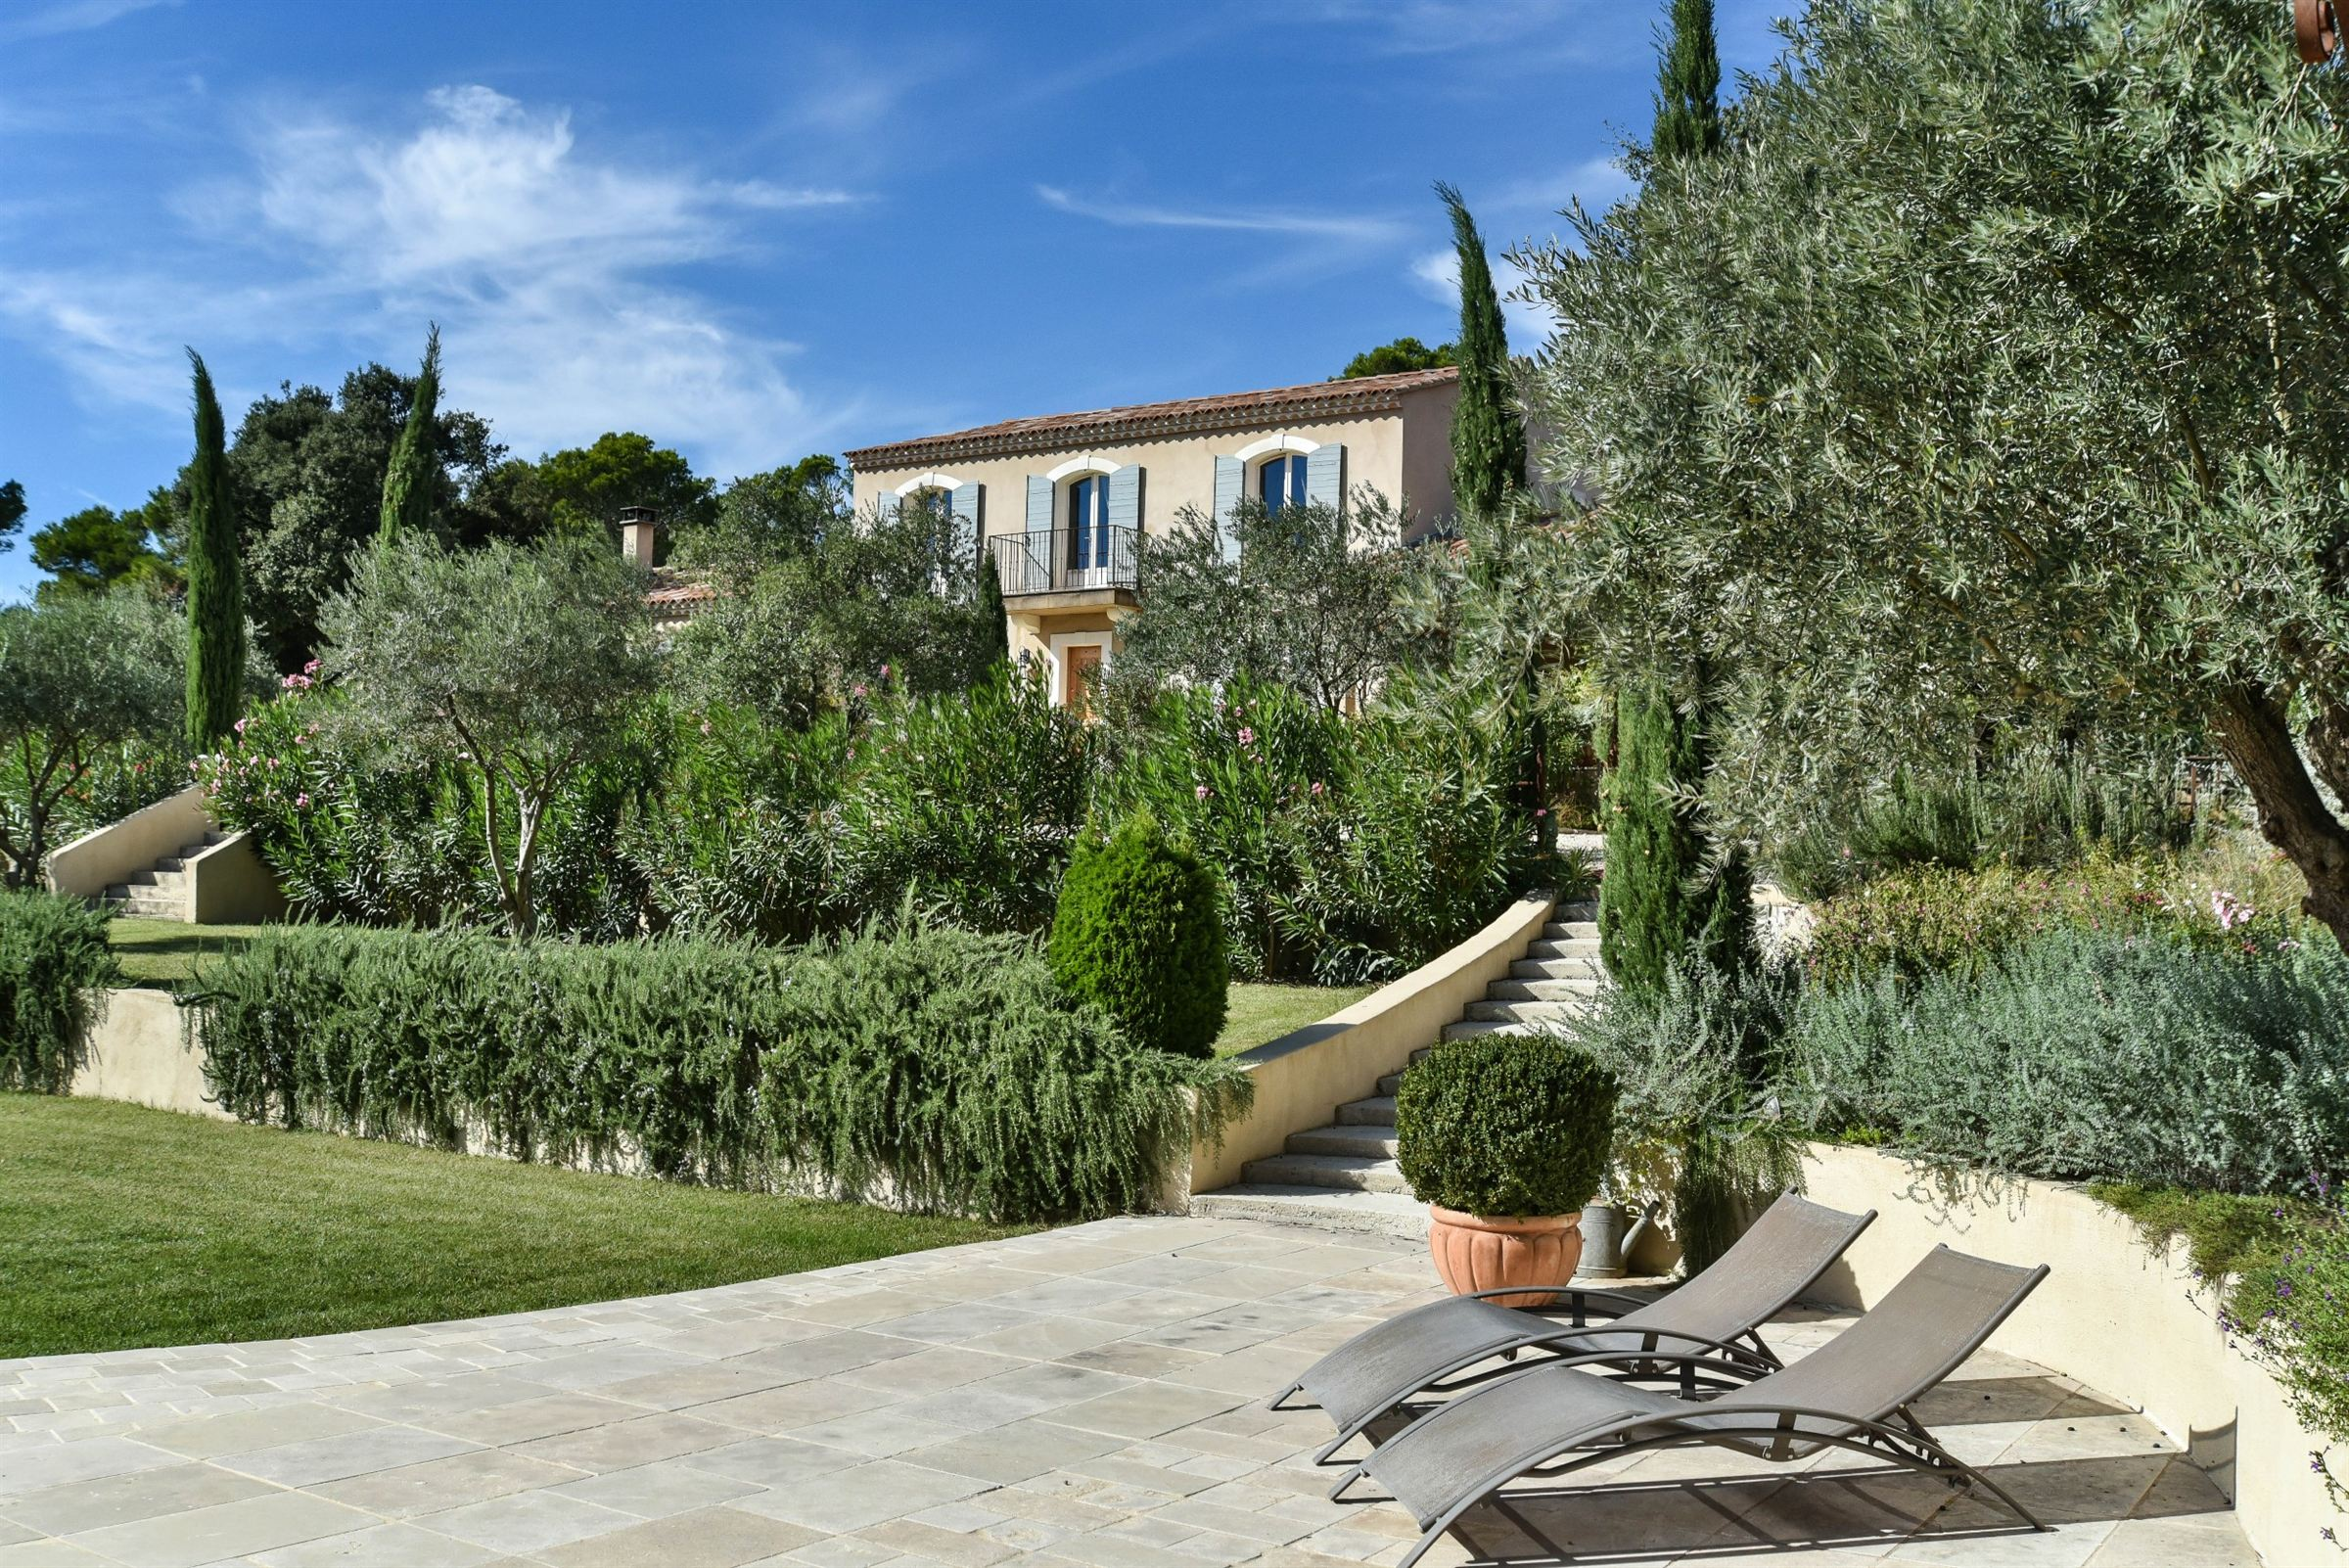 단독 가정 주택 용 매매 에 A guest house on sale Other Provence-Alpes-Cote D'Azur, 프로벤스 앞ㄹ프스 코테 D'Azur, 84290 프랑스